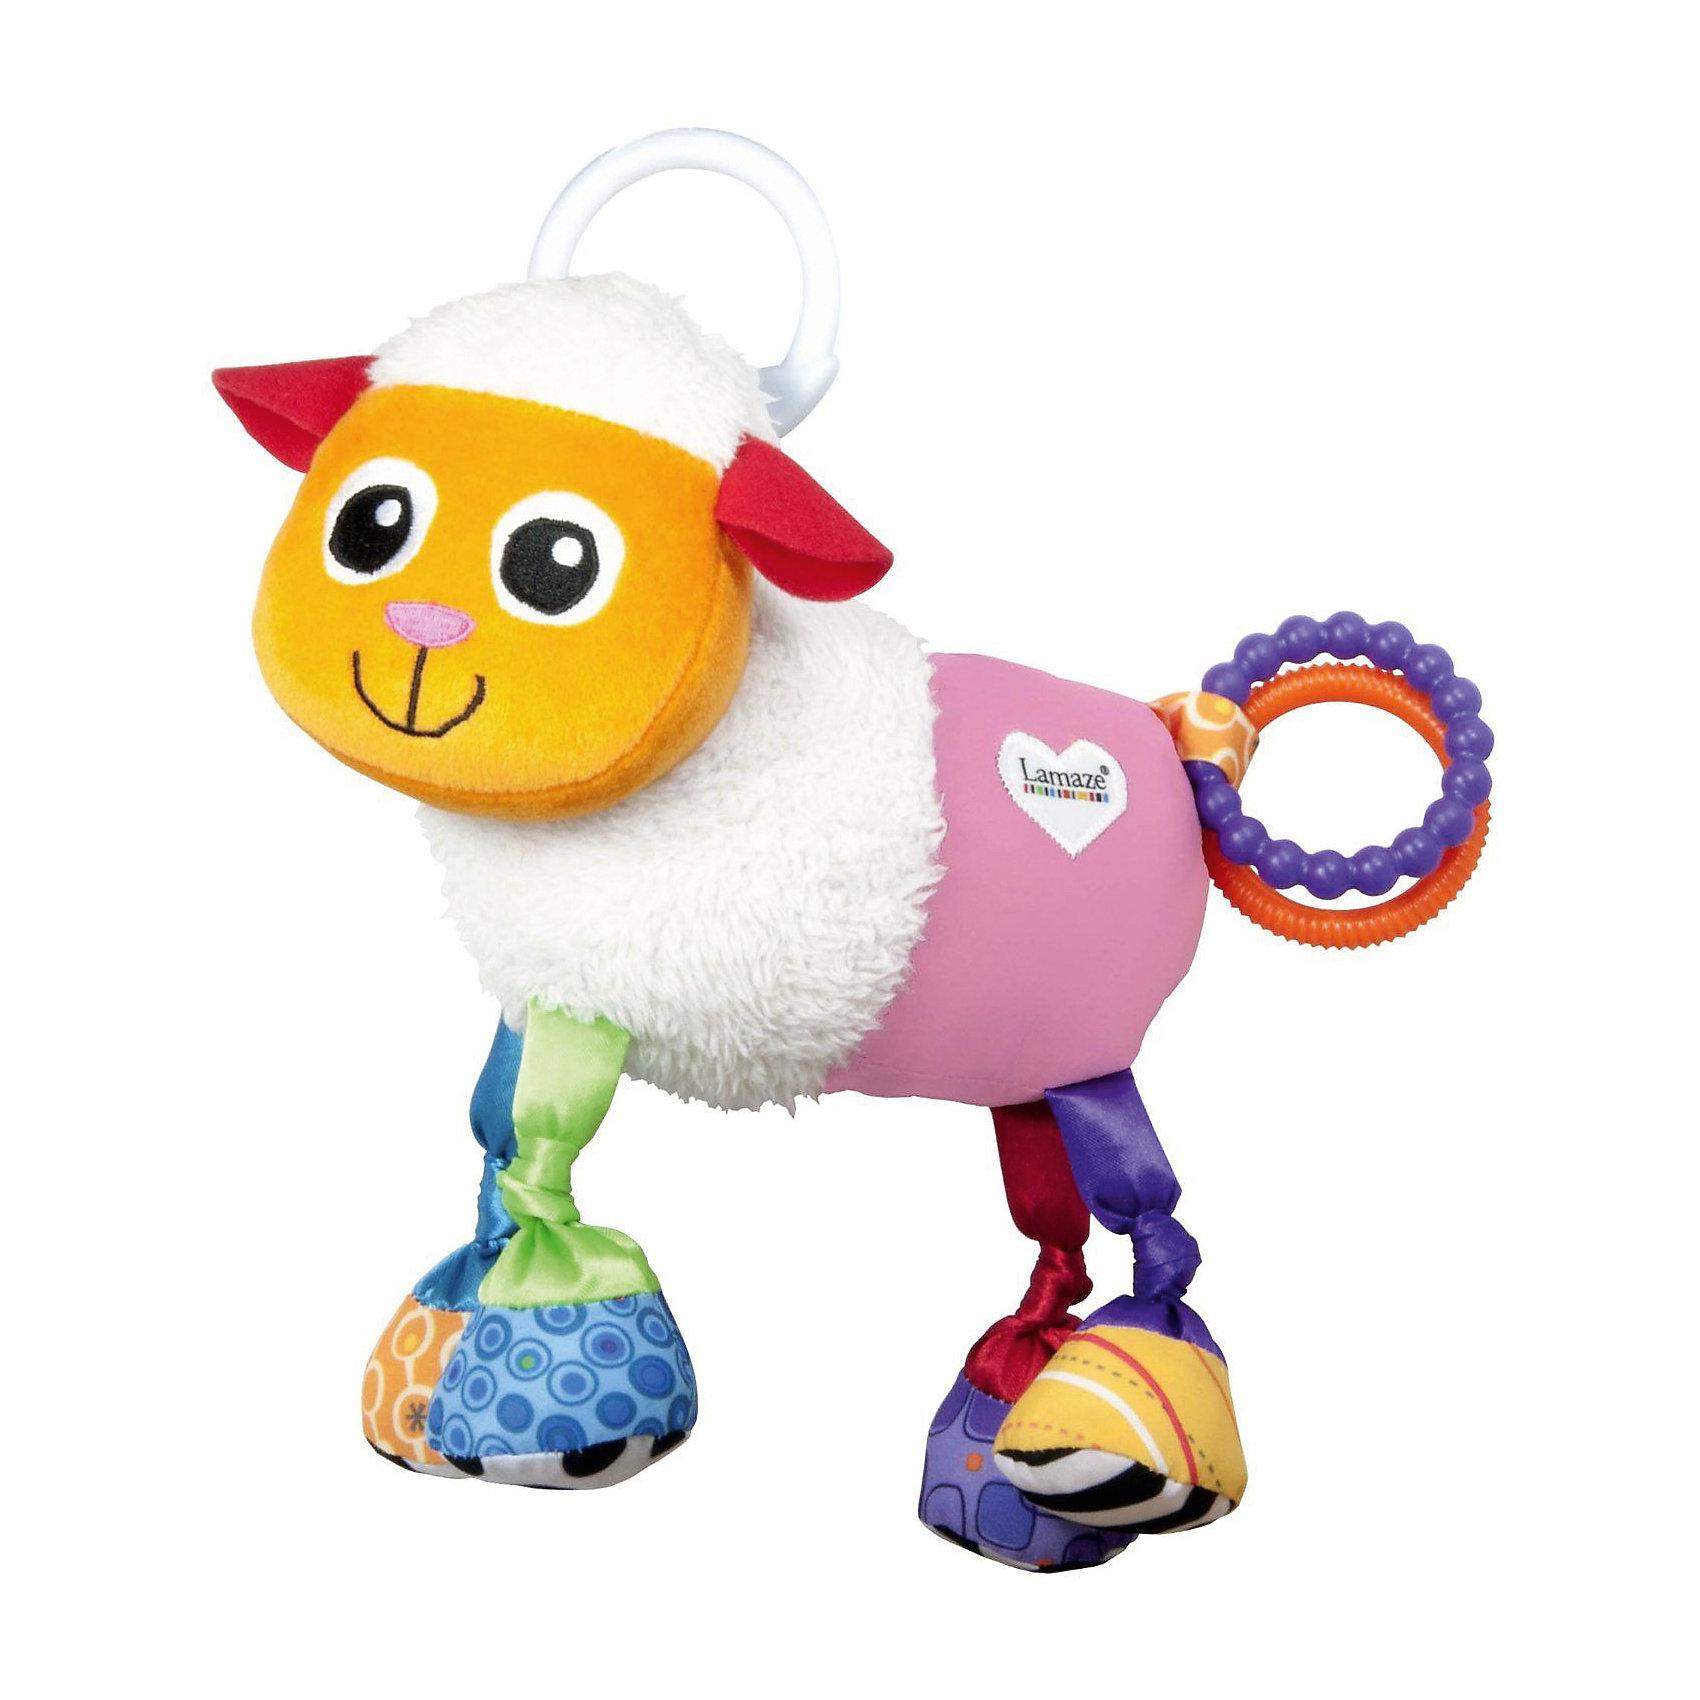 Мягкая погремушка-шуршалка Овечка Шереми с подвеской, Tomy LamazeПогремушки<br>Симпатичная игрушка Овечка Шереми обязательно понравится ребенку. Игрушка сделана из мягких материалов разной фактуры, что развивает тактильное восприятие ребенка. Она дополнена погремушками и шуршащими элементами, игрушку можно повесить в коляску с помощью специального крепления.<br>Эта игрушка обязательно займет ребенка! Игра с ней помогает детям развивать мелкую моторику, внимательность и познавать мир. Обучающая игрушка сделана из качественных и безопасных для ребенка материалов.<br><br>Дополнительная информация:<br><br>цвет: разноцветный;<br>размер: 18 х 13 х 4 см;<br>материал: текстиль.<br><br>Мягкую погремушку-шуршалку Овечка Шереми с подвеской, Tomy Lamaze можно купить в нашем магазине.<br><br>Ширина мм: 170<br>Глубина мм: 200<br>Высота мм: 80<br>Вес г: 307<br>Возраст от месяцев: -2147483648<br>Возраст до месяцев: 2147483647<br>Пол: Унисекс<br>Возраст: Детский<br>SKU: 4918491